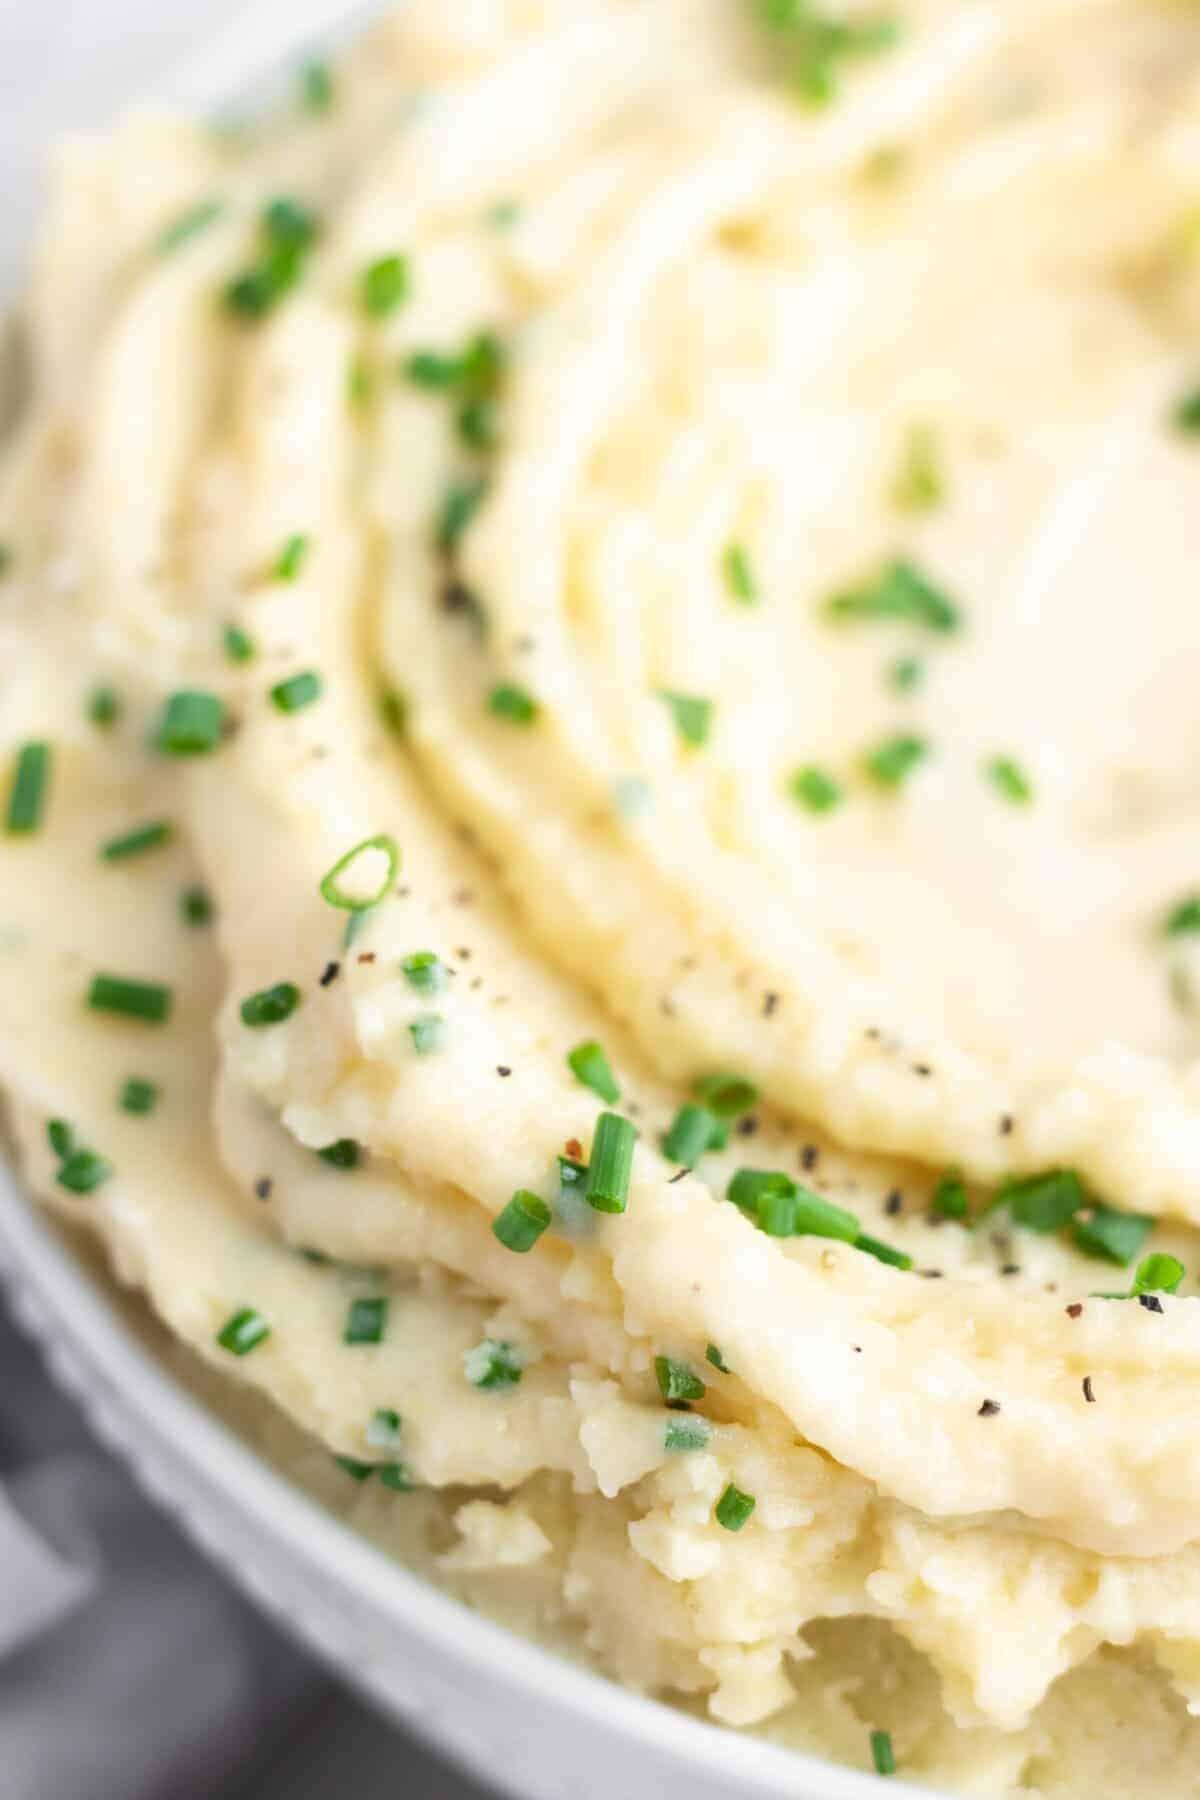 Stovetop Vegan Mashed Potatoes